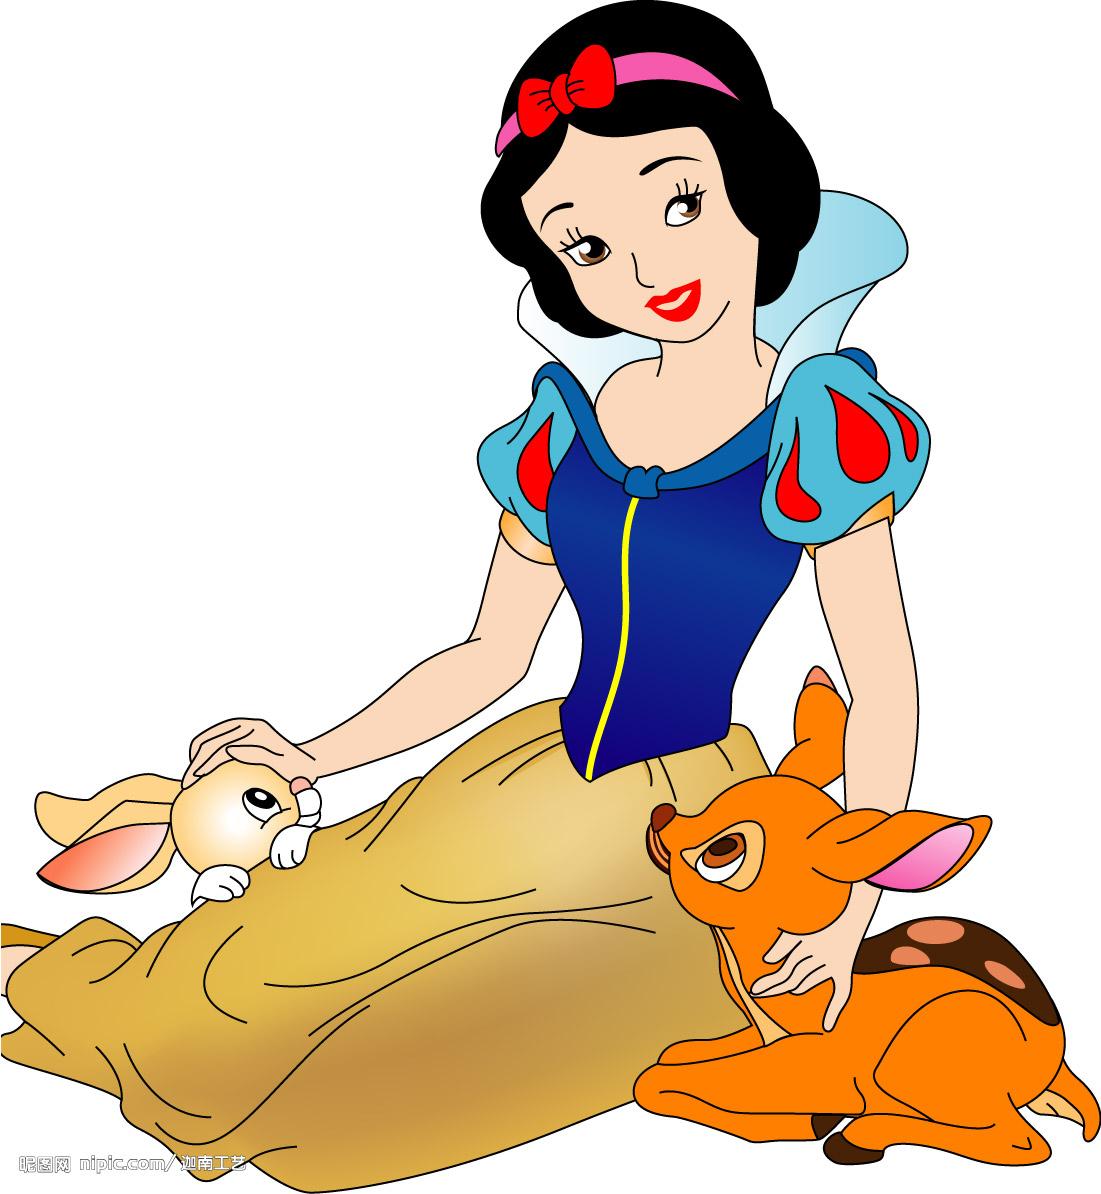 【奇幻】(動畫)白雪公主和七個小矮人線上完整看 Snow White and the Seven Dwarfs